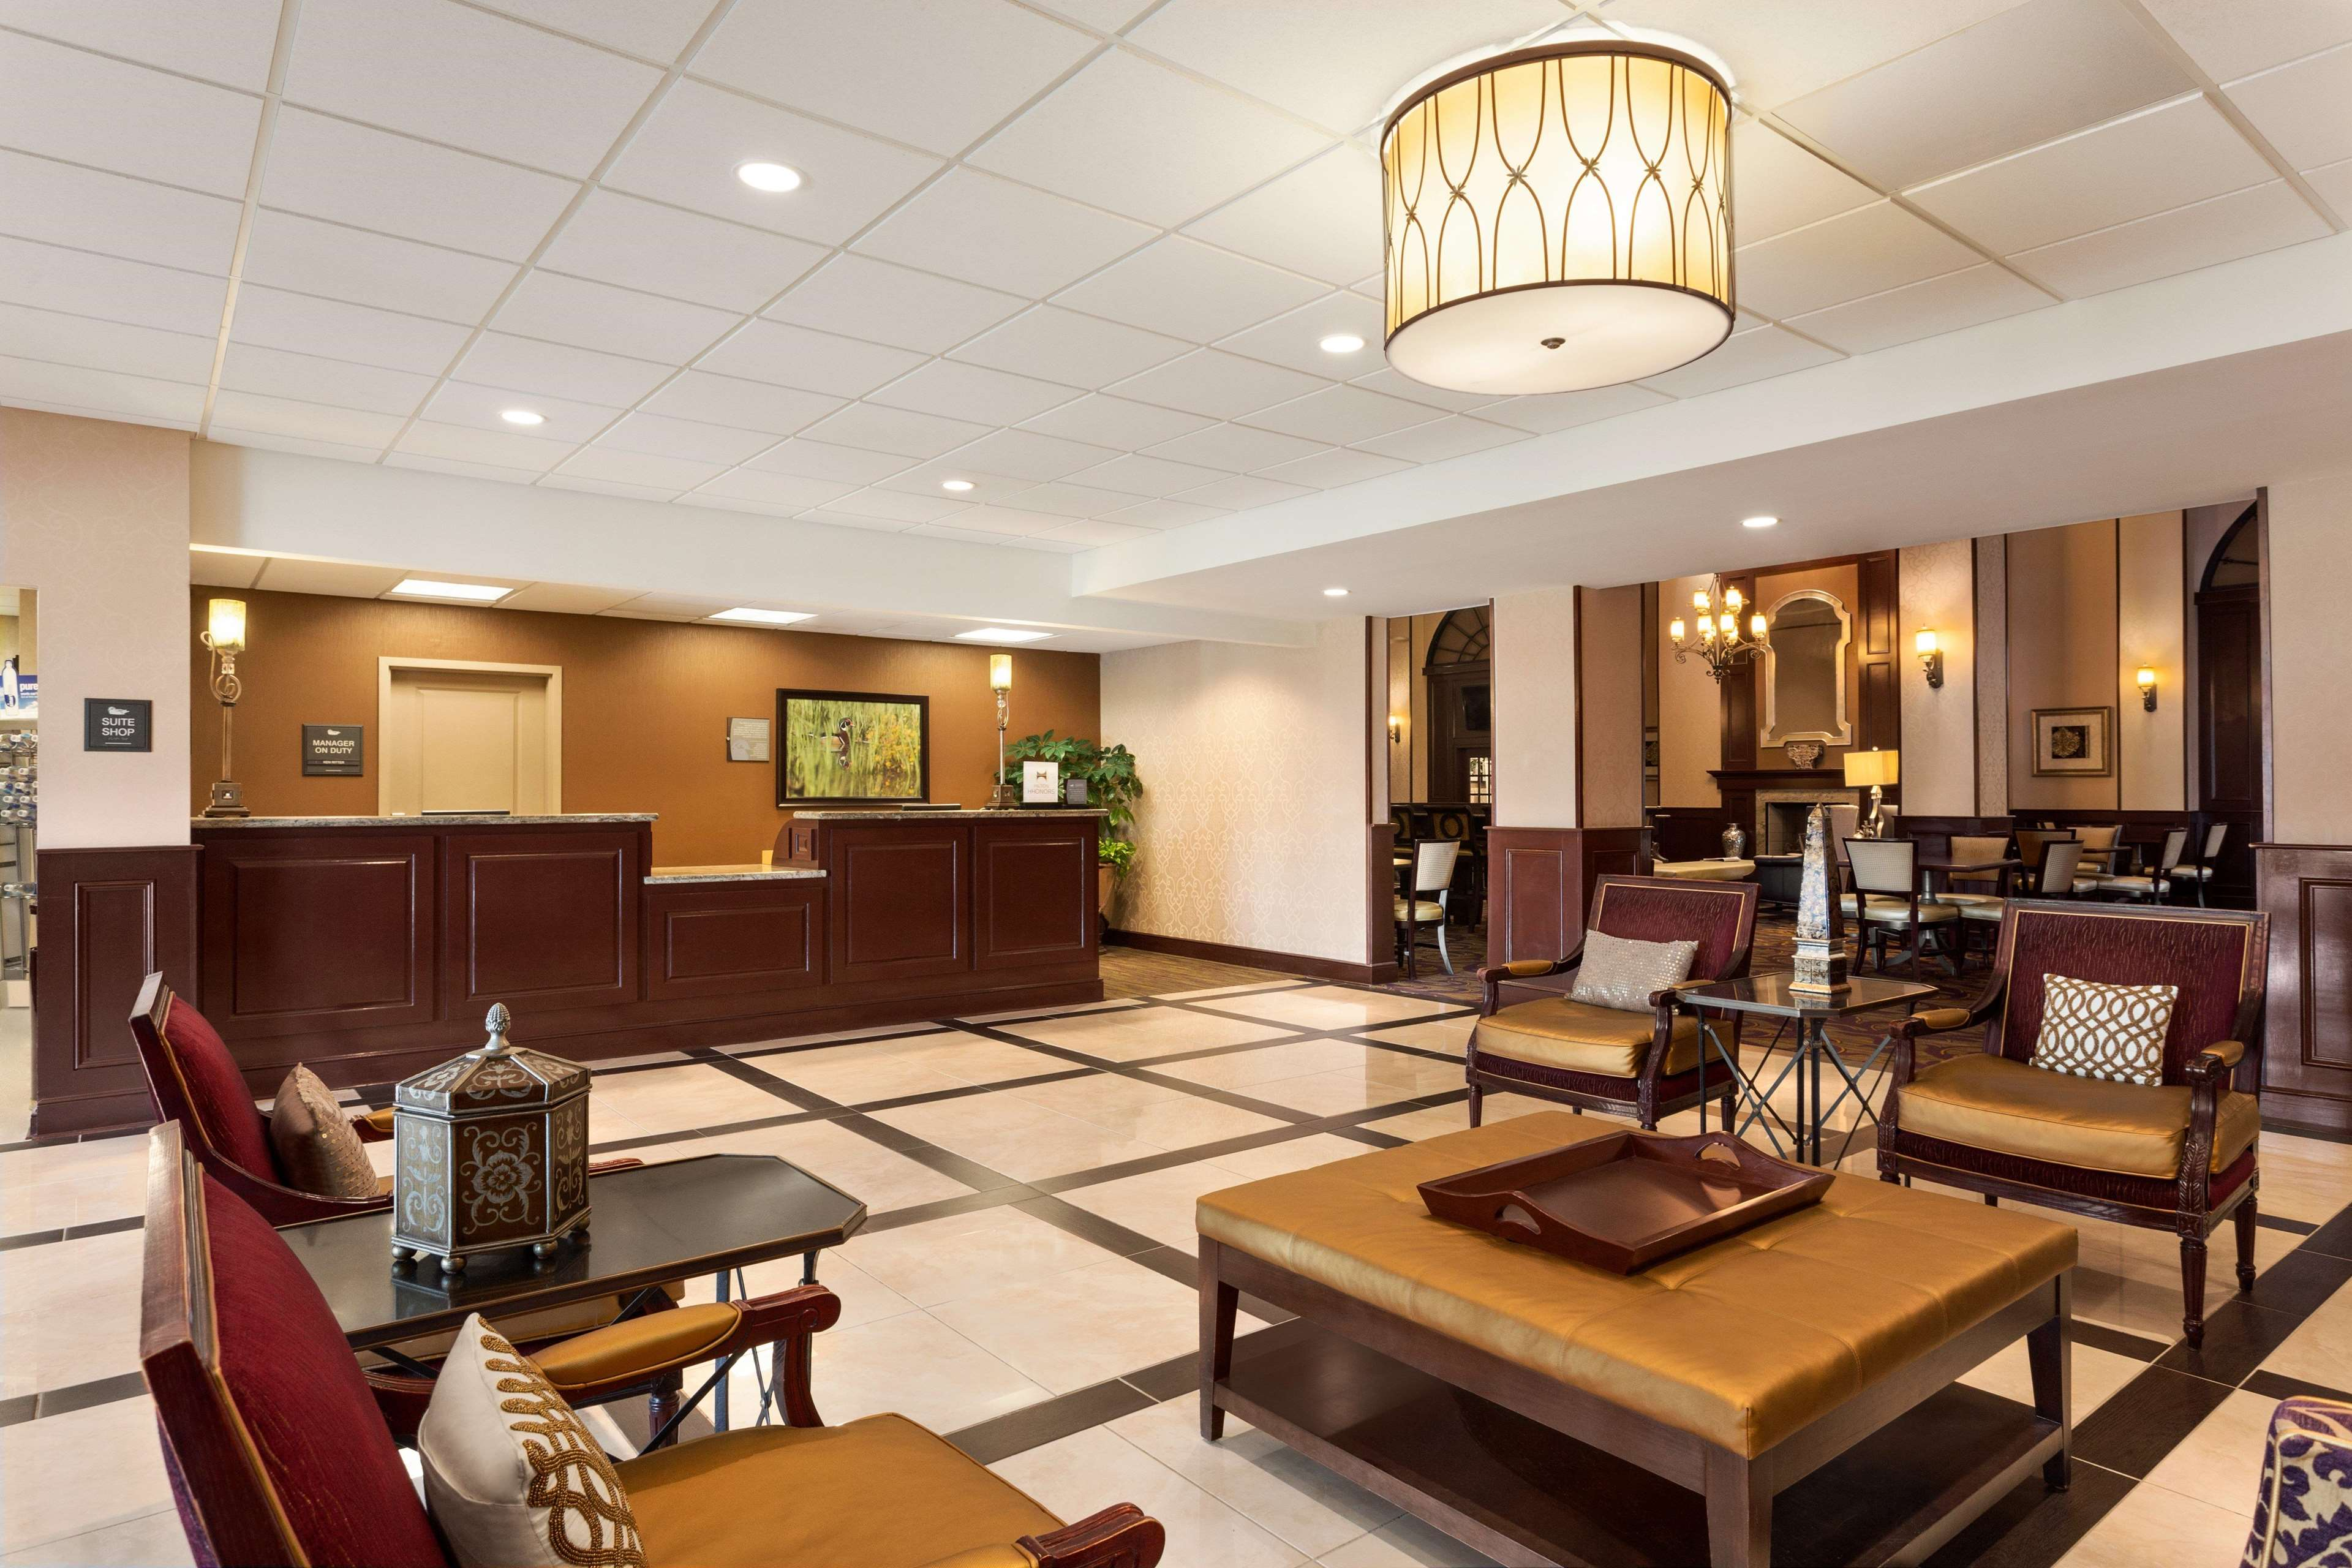 Homewood Suites by Hilton Lafayette-Airport, LA image 4